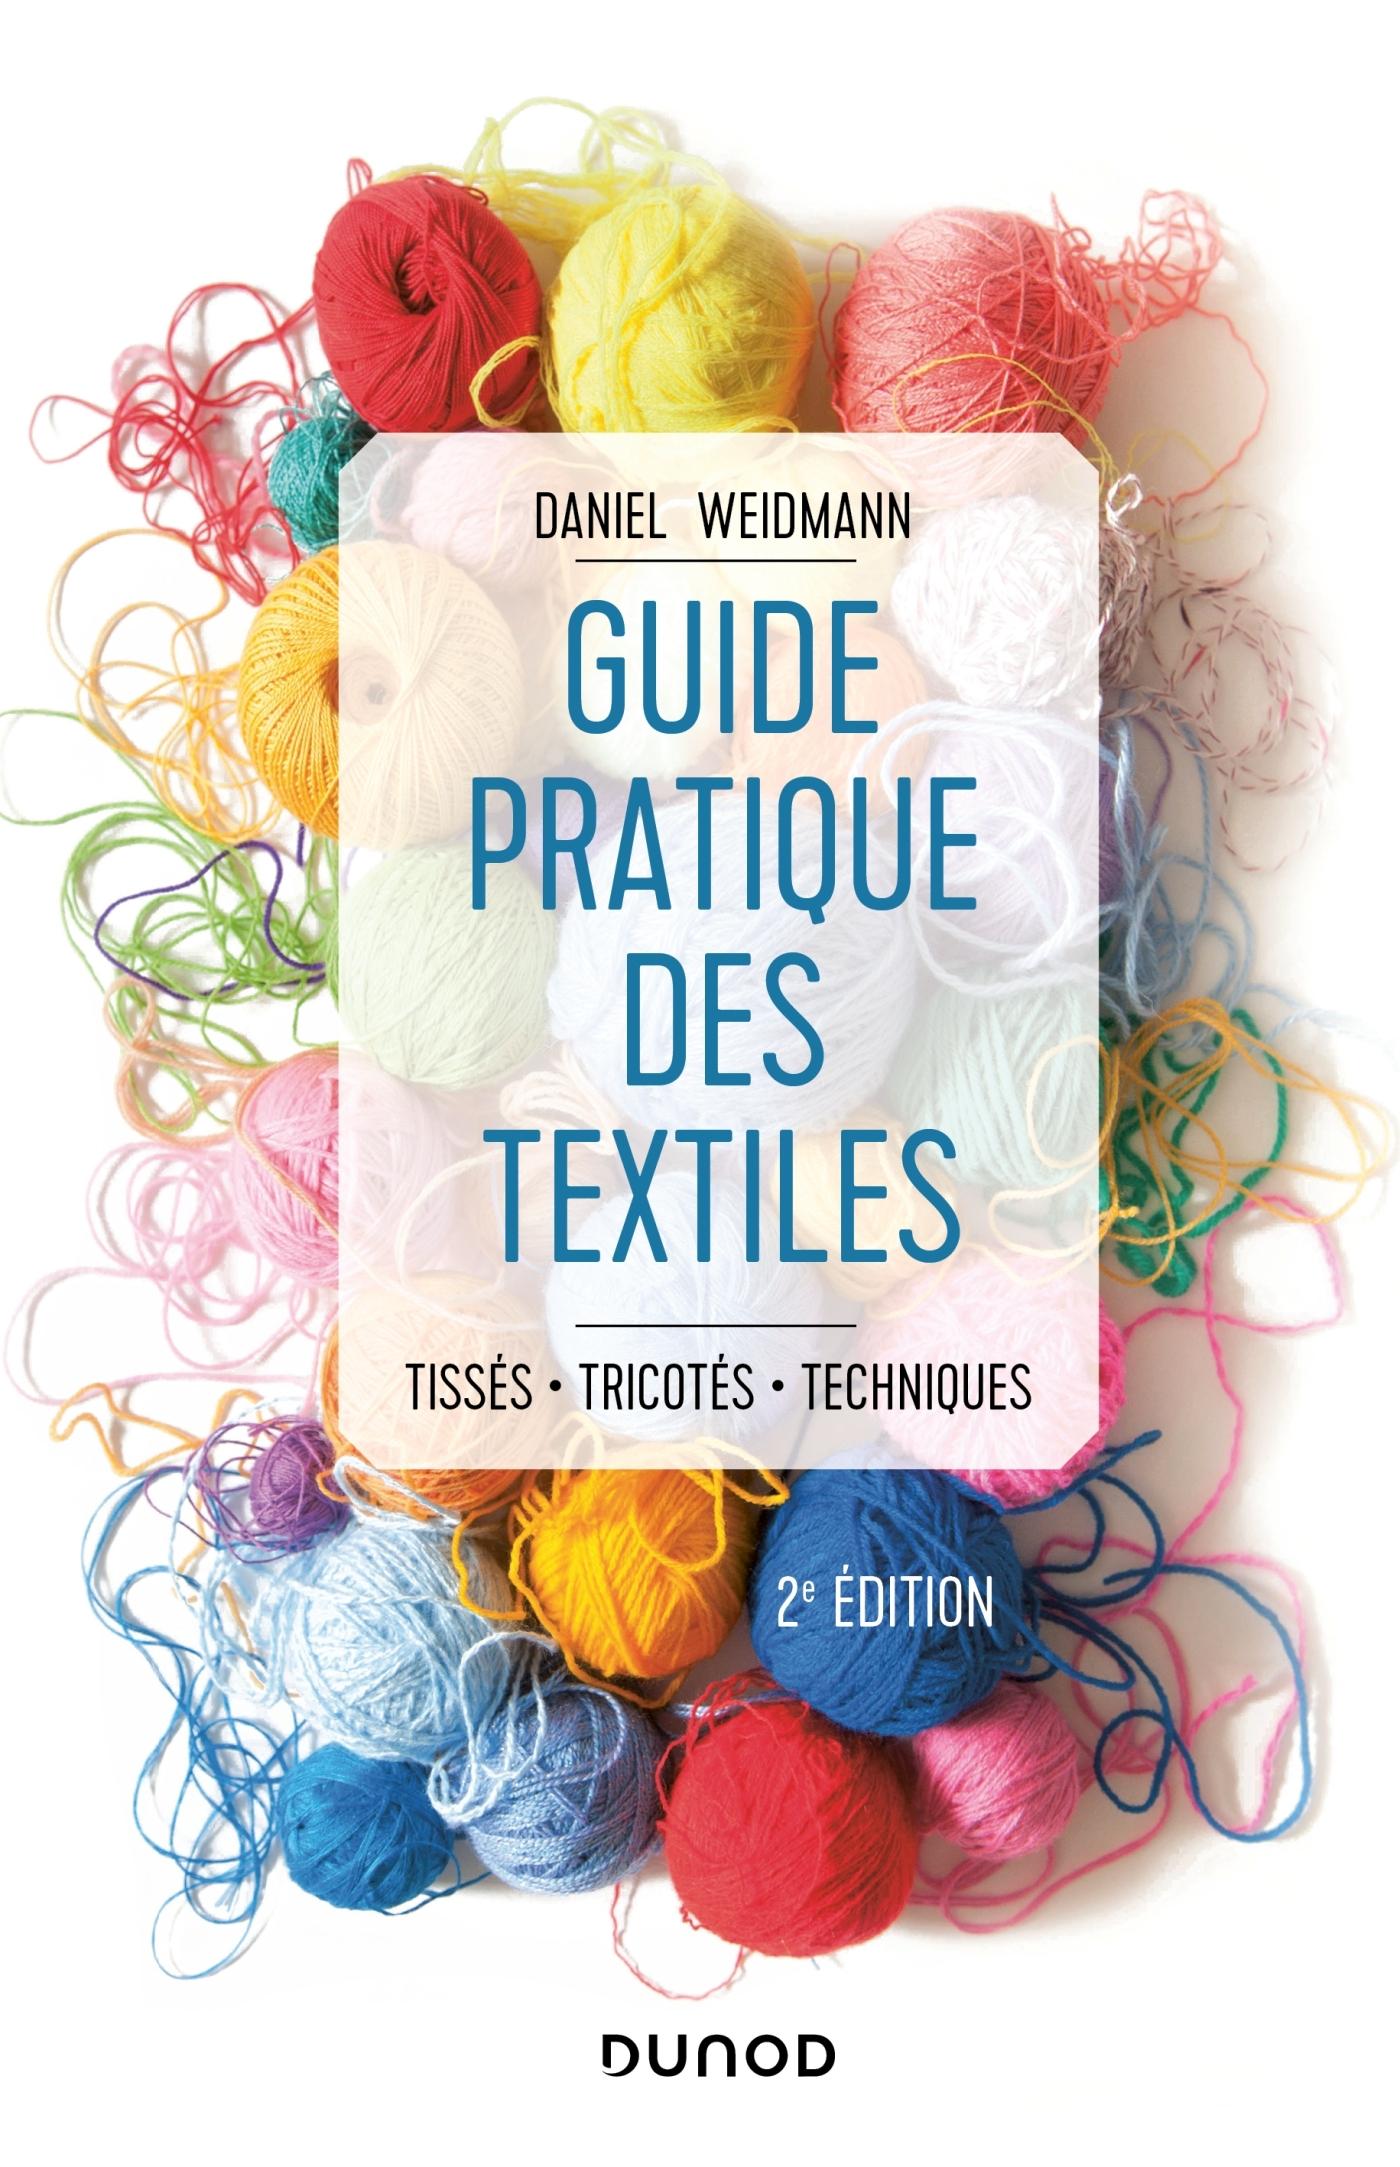 GUIDE PRATIQUE DES TEXTILES - 2E ED. - TISSES, TRICOTES, TECHNIQUES